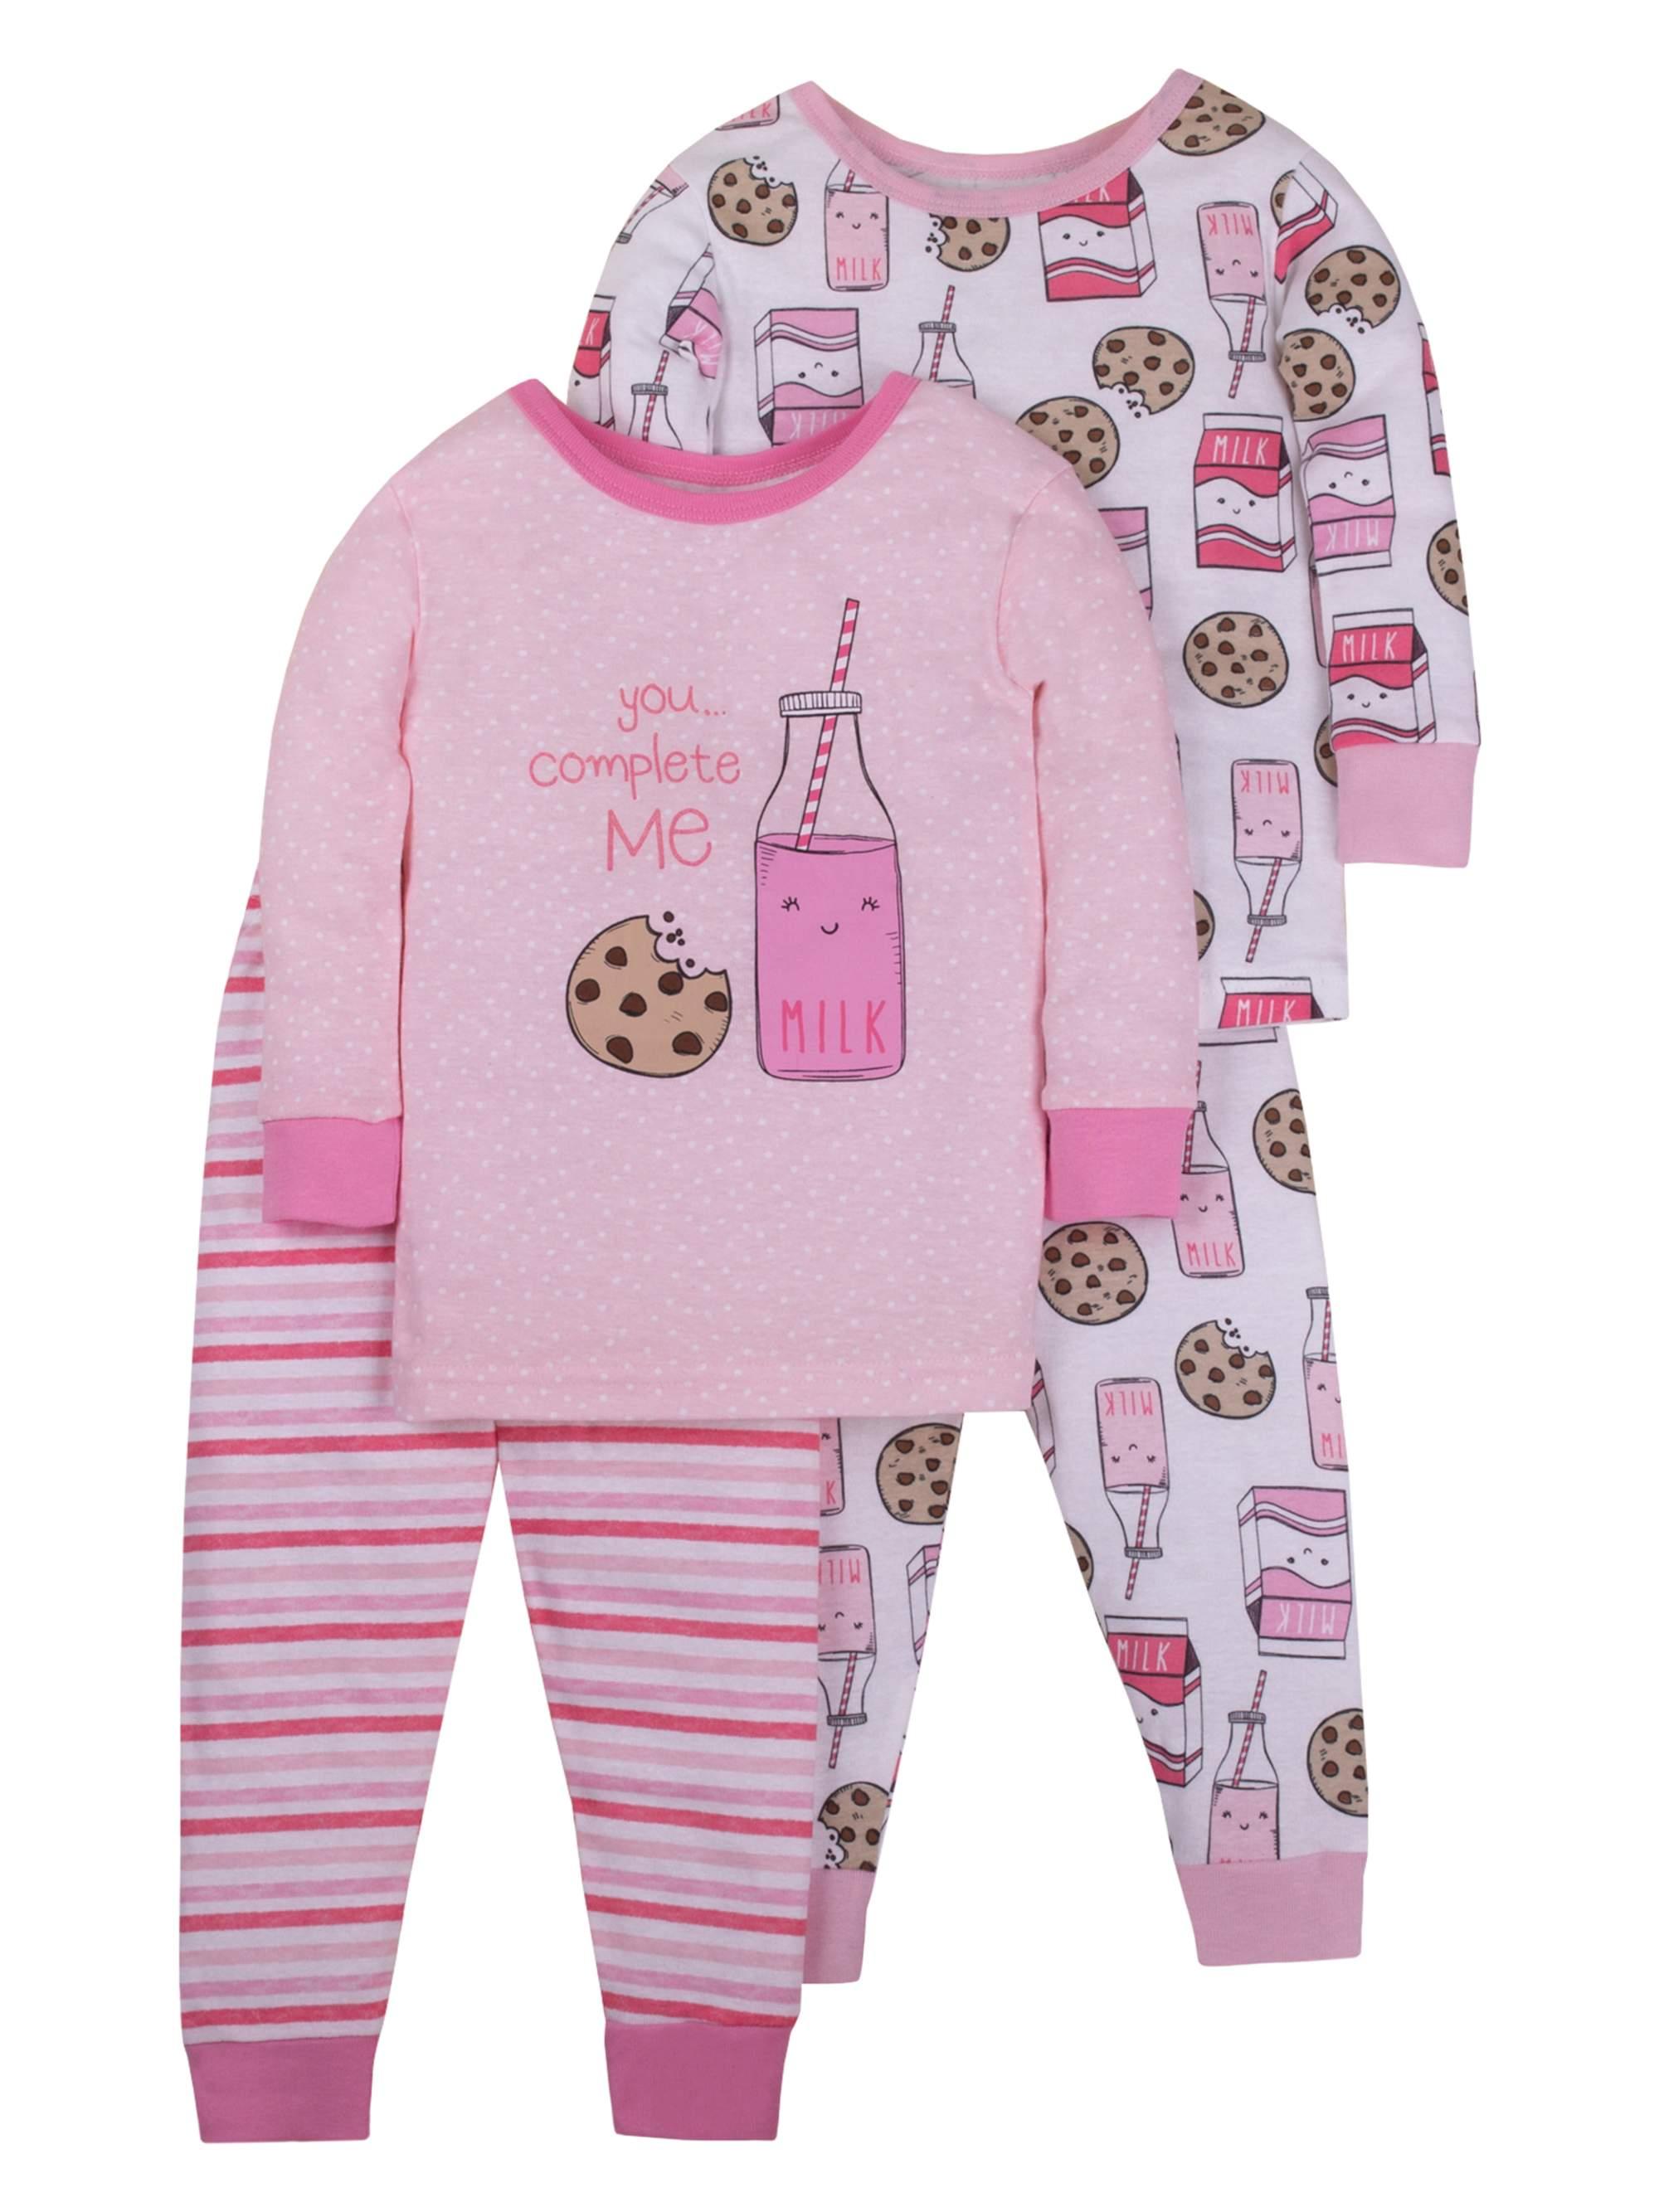 Cotton Tight Fit Pajamas, 4-piece Set (Baby Girls & Toddler Girls)